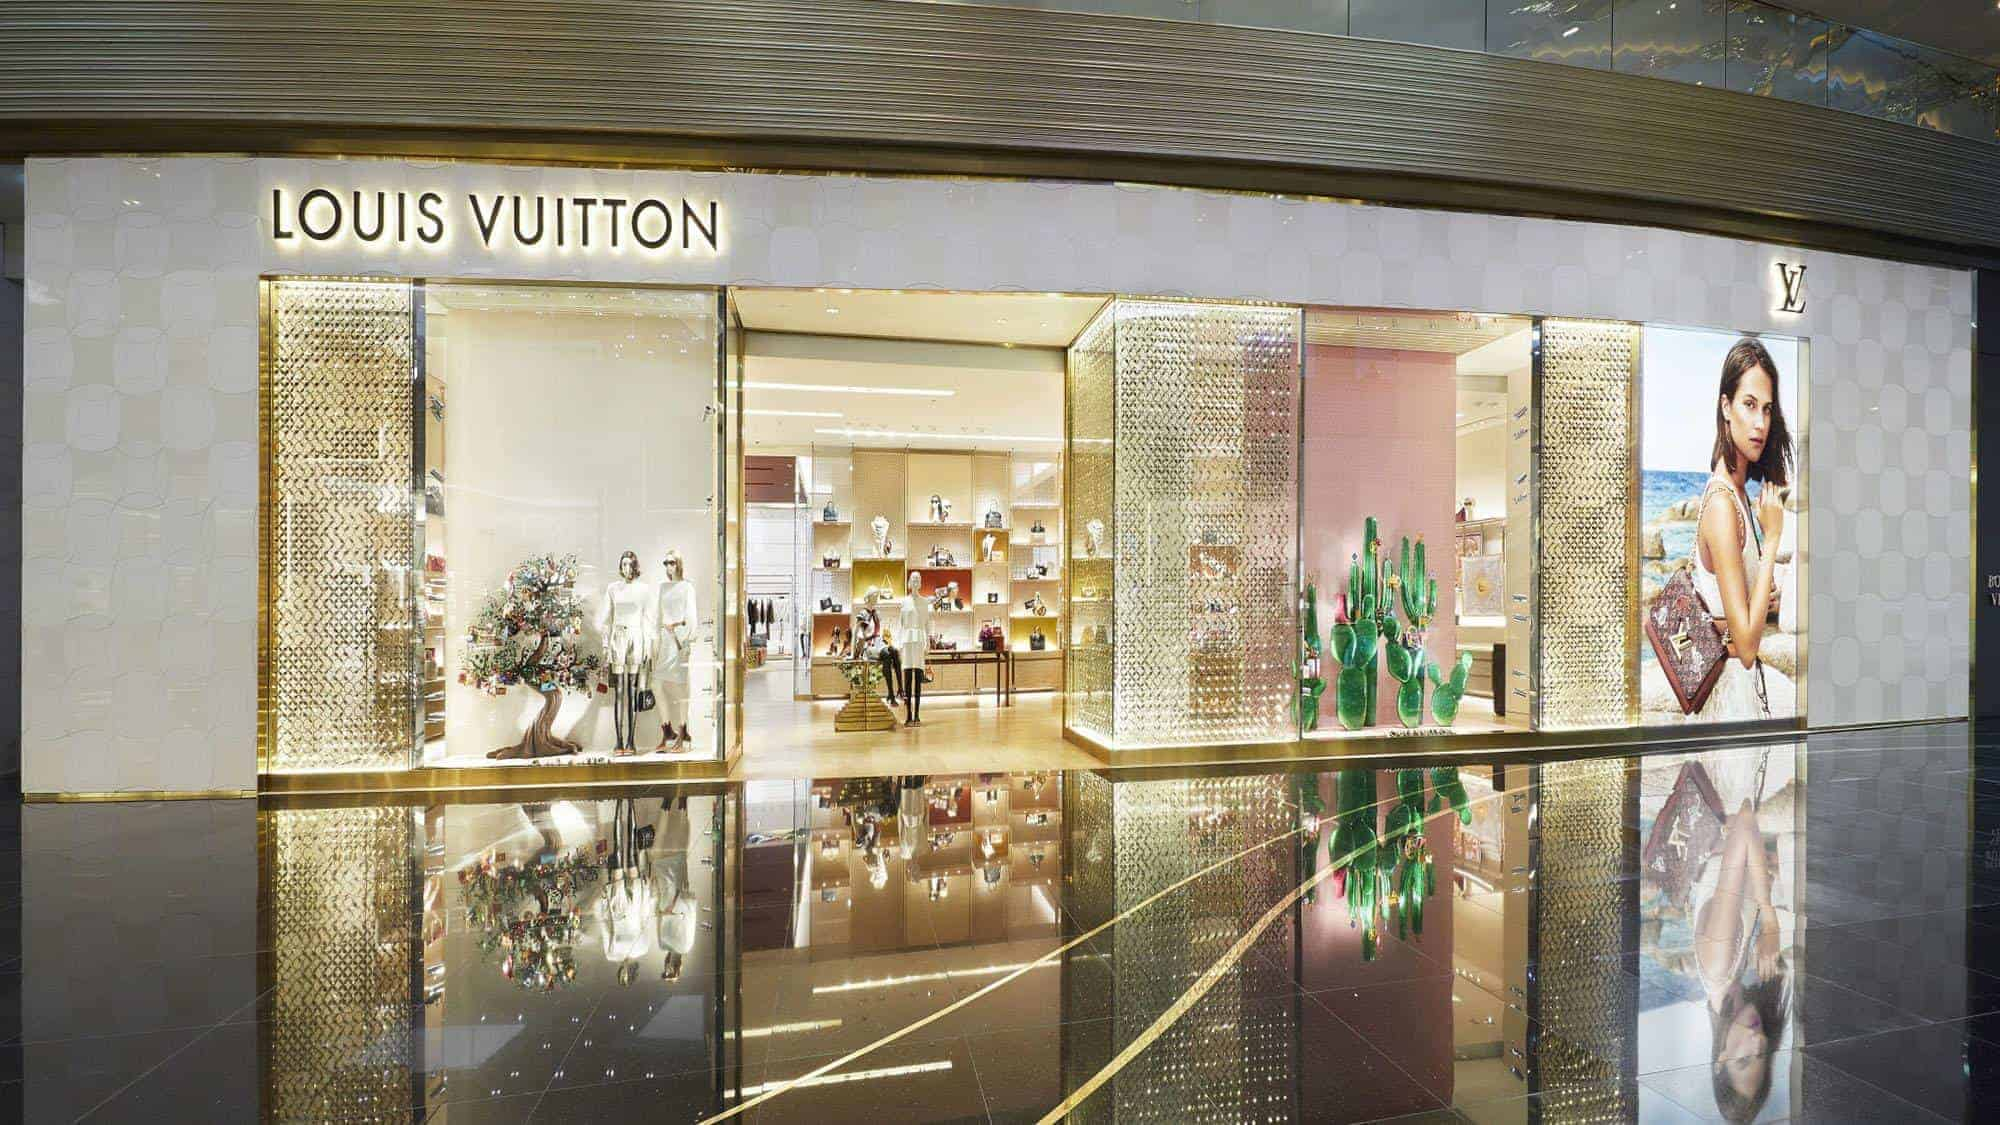 louis-vuitton--StFi_Louis_Vuitton_Thailand_IconSiam_01_DI3